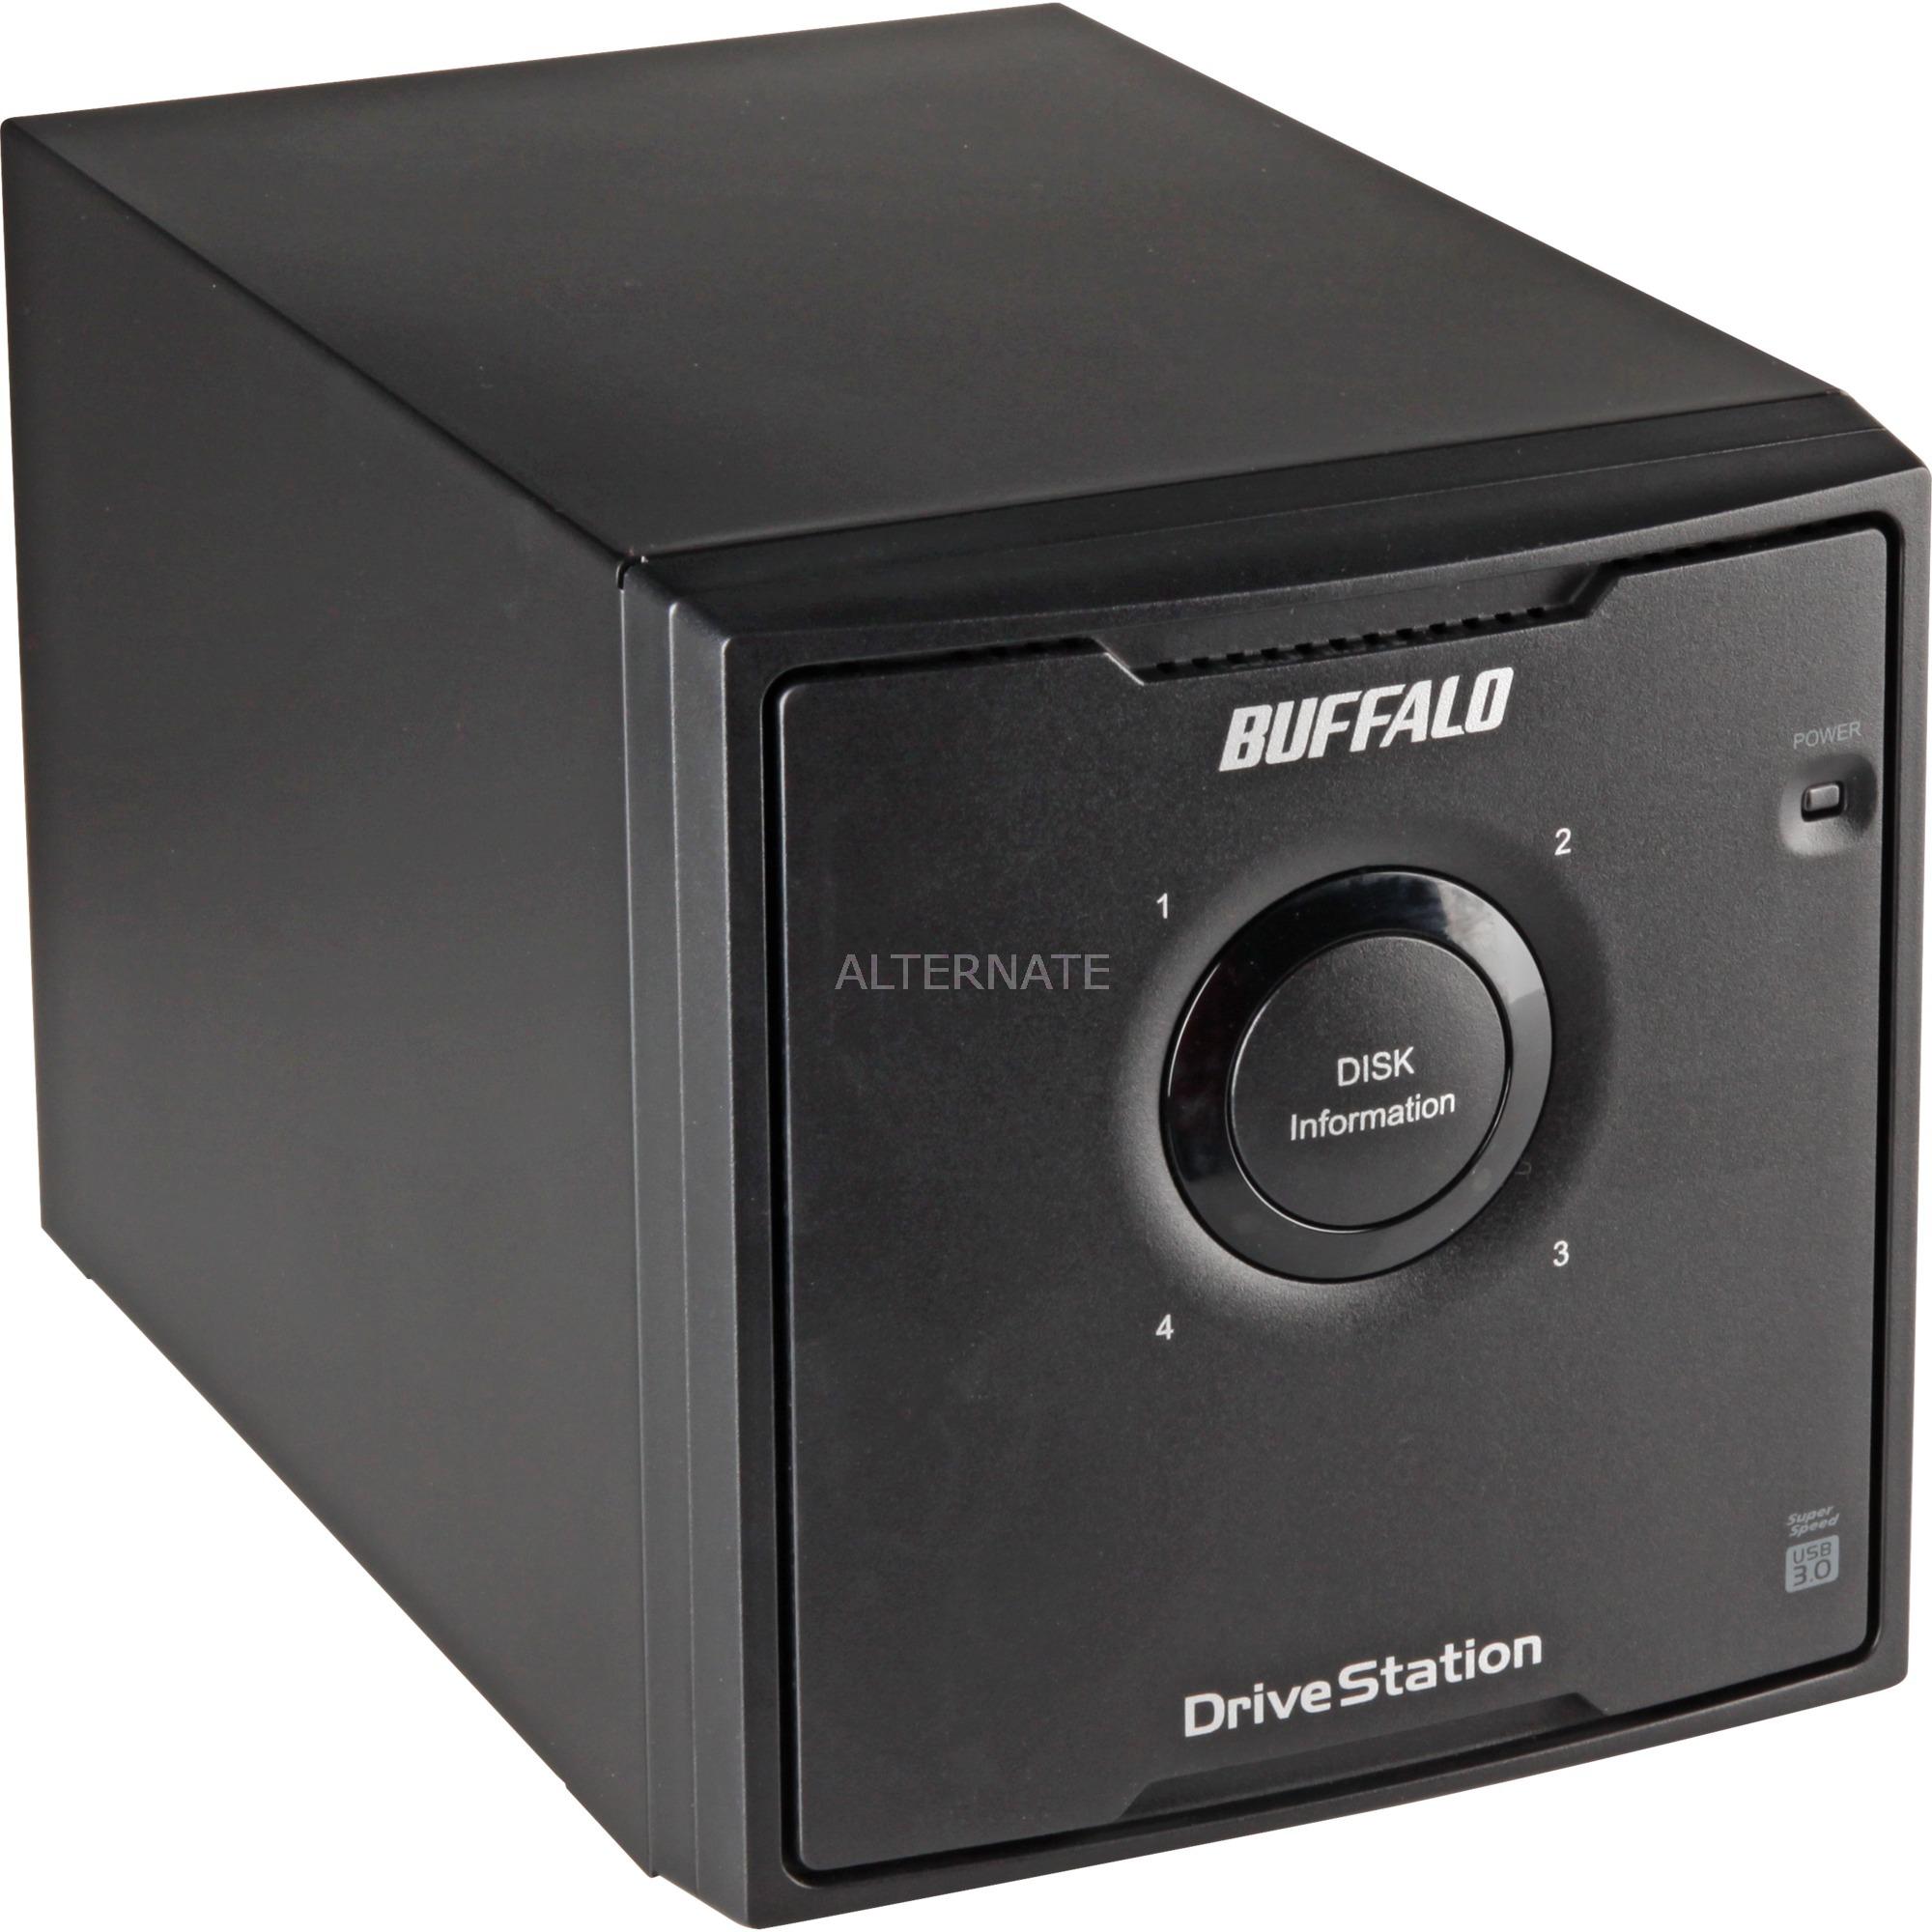 DriveStation Quad USB 3.0 8 TB, Unidad de disco duro